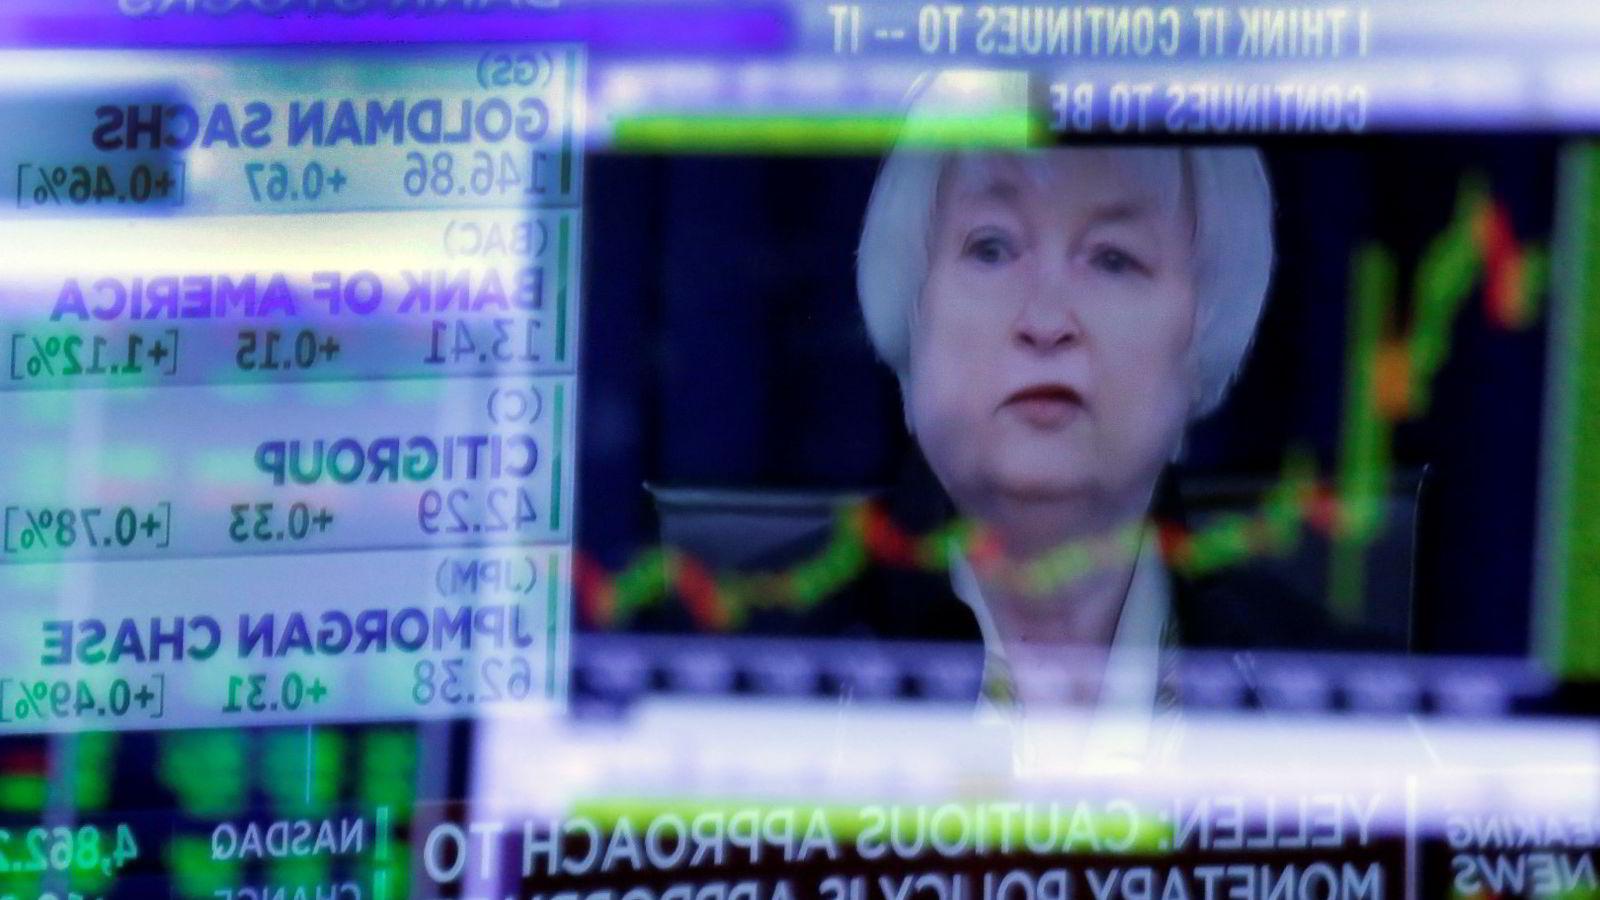 Verdens største sentralbanker har sørget for at en stadig større andel av verdens statsobligasjoner har negativ effektiv rente. Mange økonomer er bekymret over utviklingen. På bildet skimtes USAs sentralbanksjef Janet Yellen på en skjerm på New York-børsen.